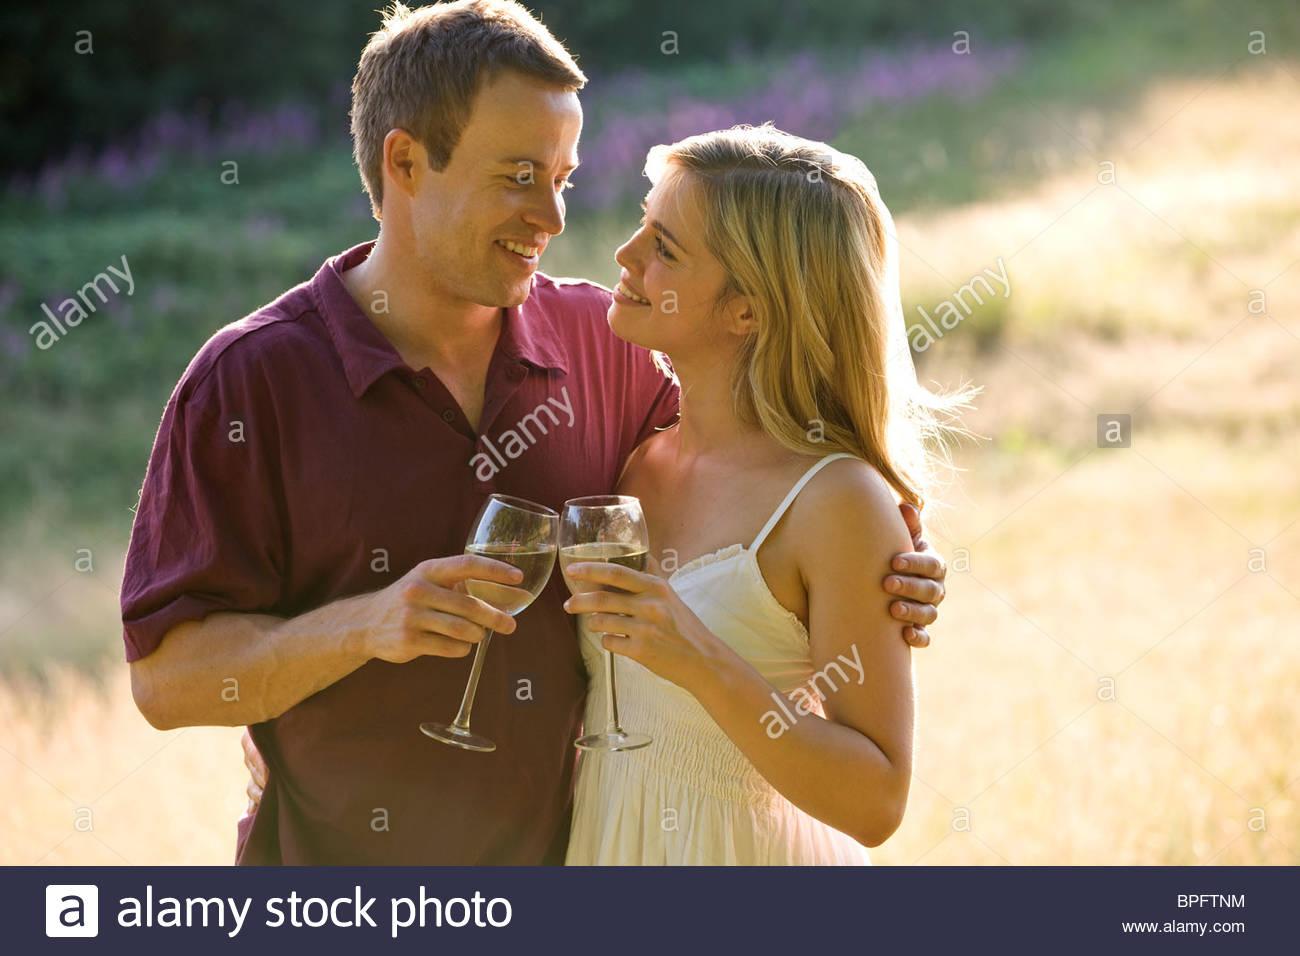 Portrait d'un jeune couple de boire du vin, se regardant amoureusement Photo Stock